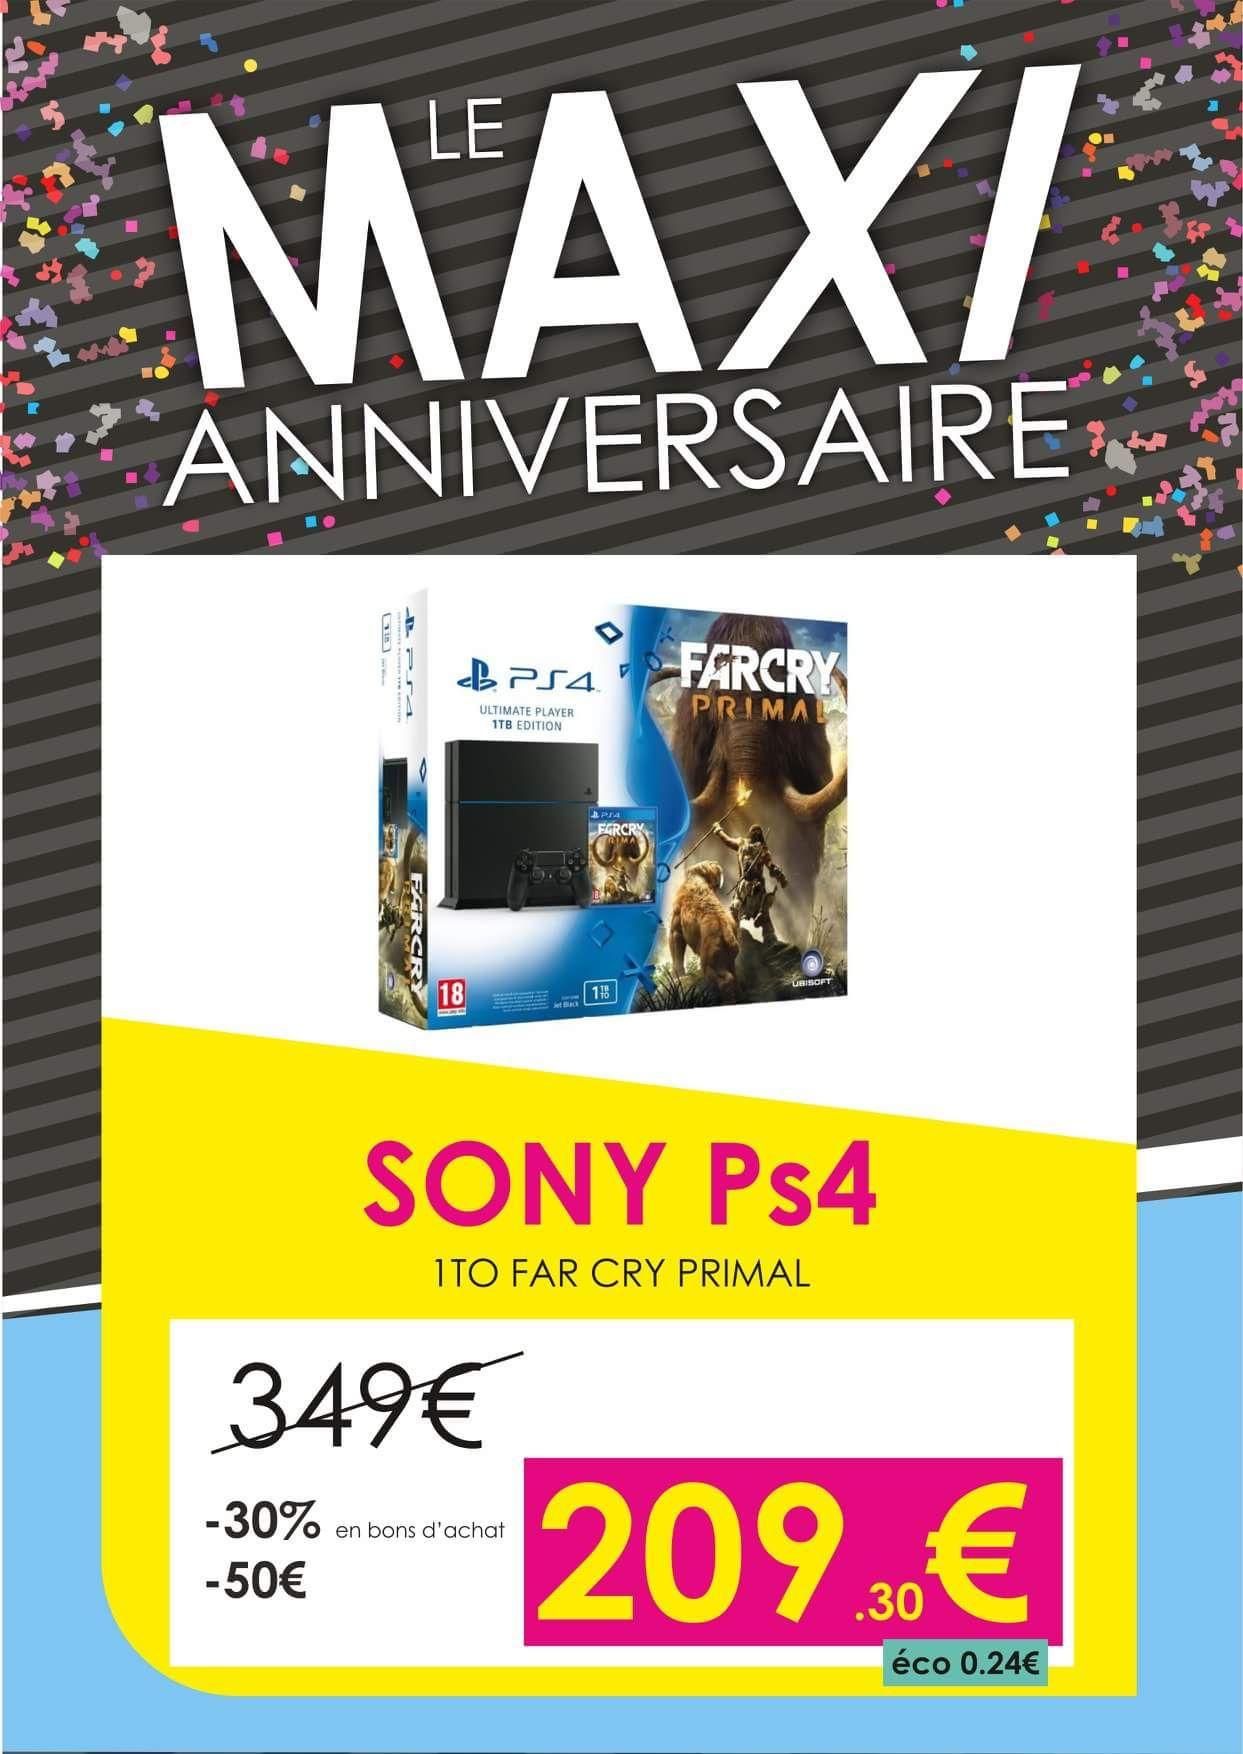 Pack console Sony PS4 Fat (1 To) + Far Cry Primal (via 89.7€ en bon d'achat) - La Montagne (44)